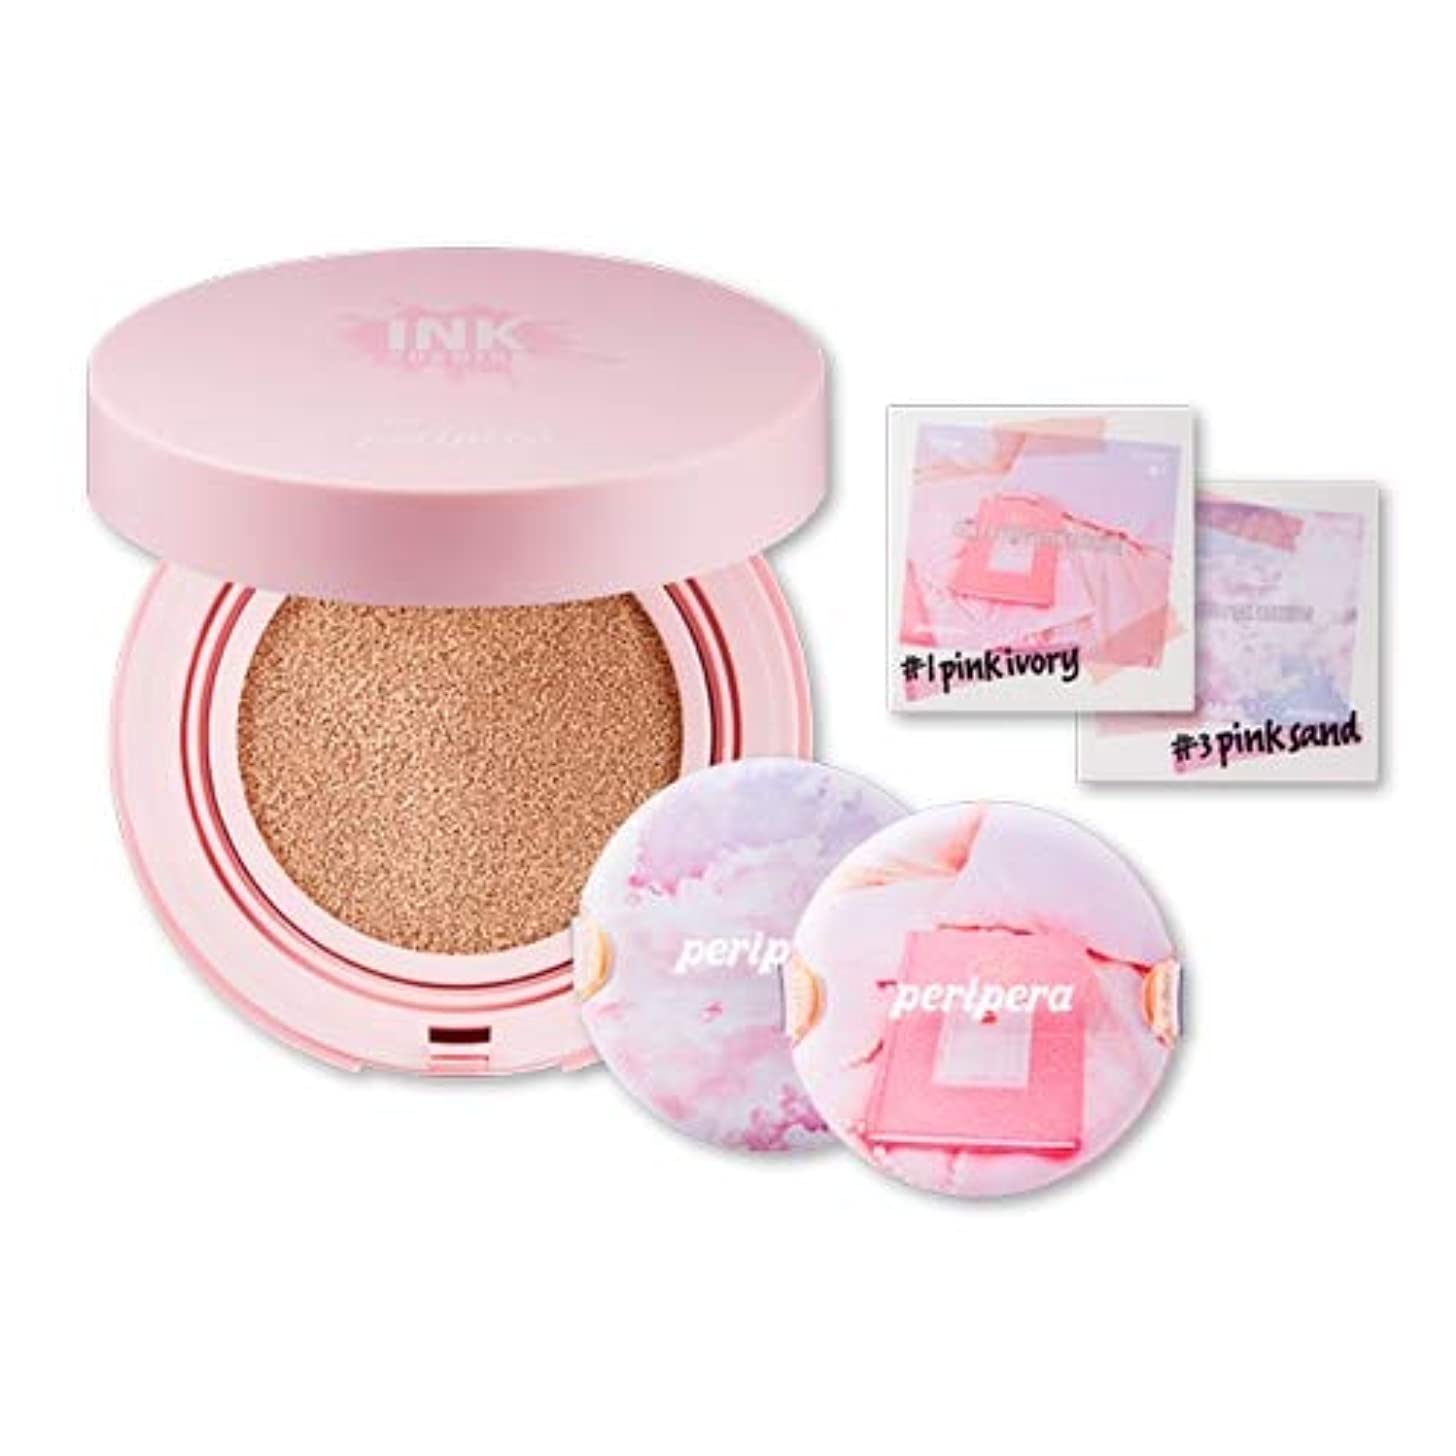 エピソード理容師引き金Peripera ペリペラ [ピンクの瞬間] インクラスティング ピンク クッション [Pink-Moment] Inklasting Pink Cushion (#3 Pink Sand) [並行輸入品]